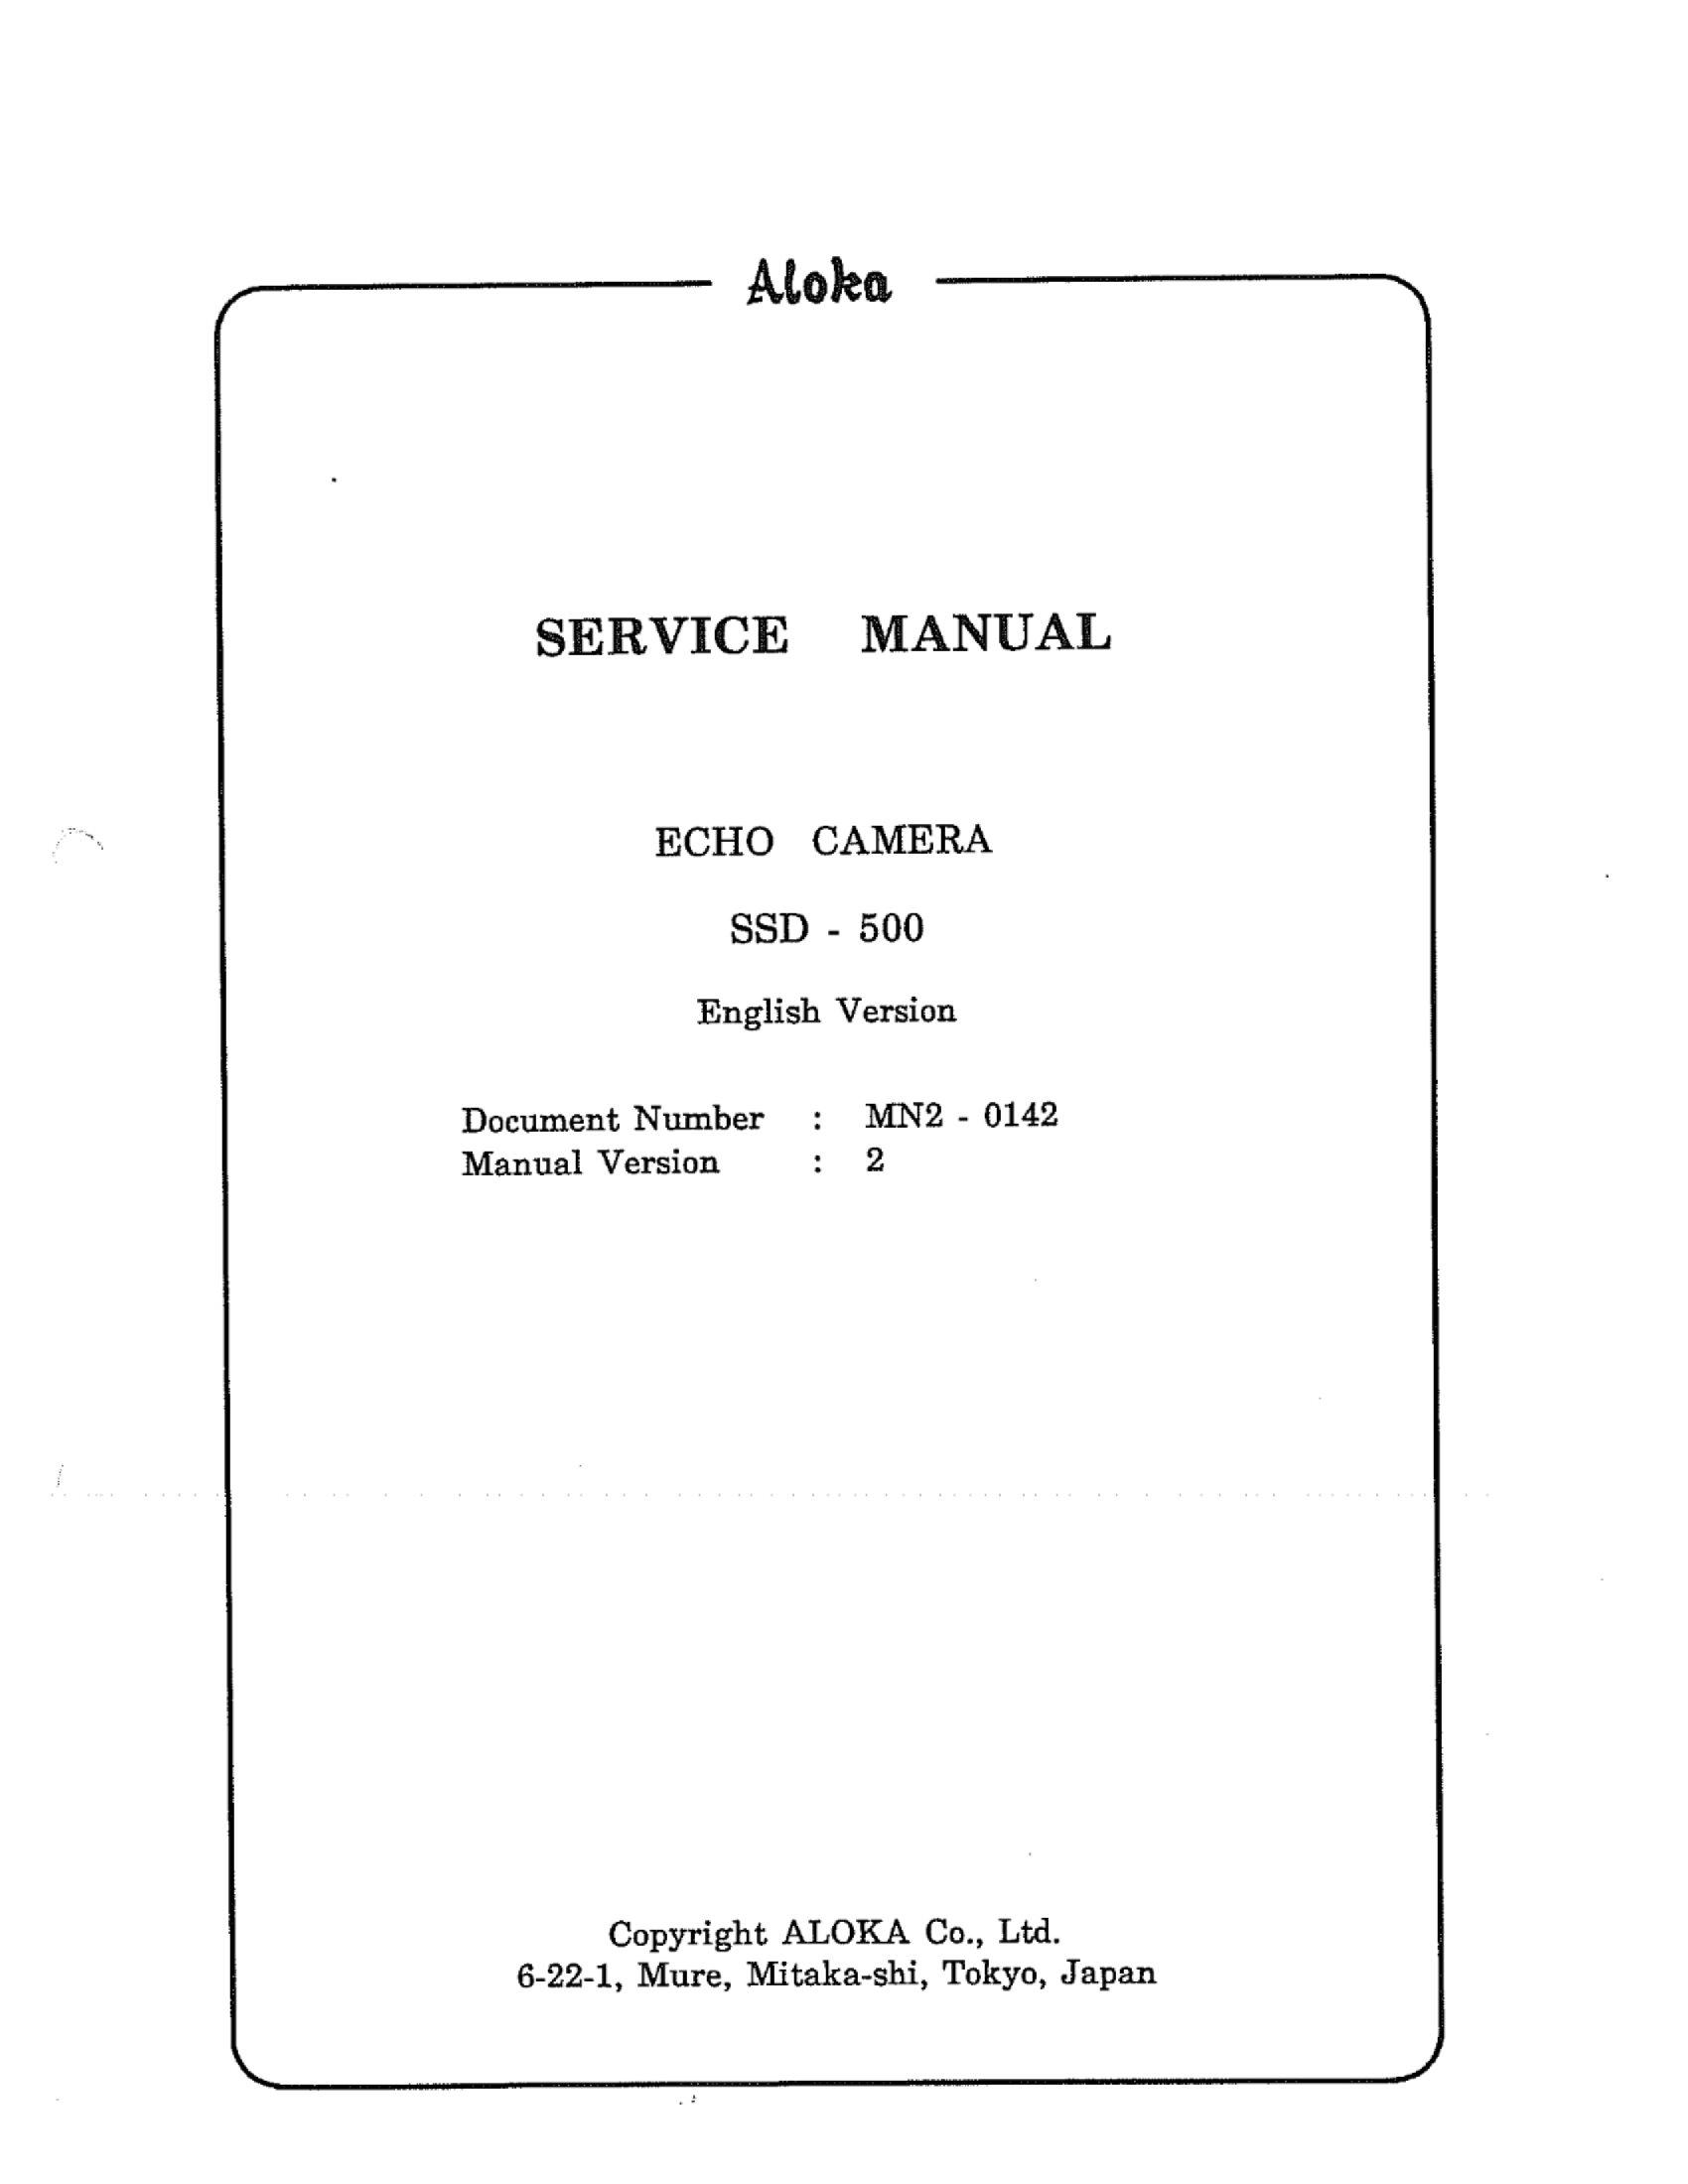 aloka ssd 500 service manual golden biomed rh goldenbiomed com Aloka Ultrasound Aloka Ultrasound